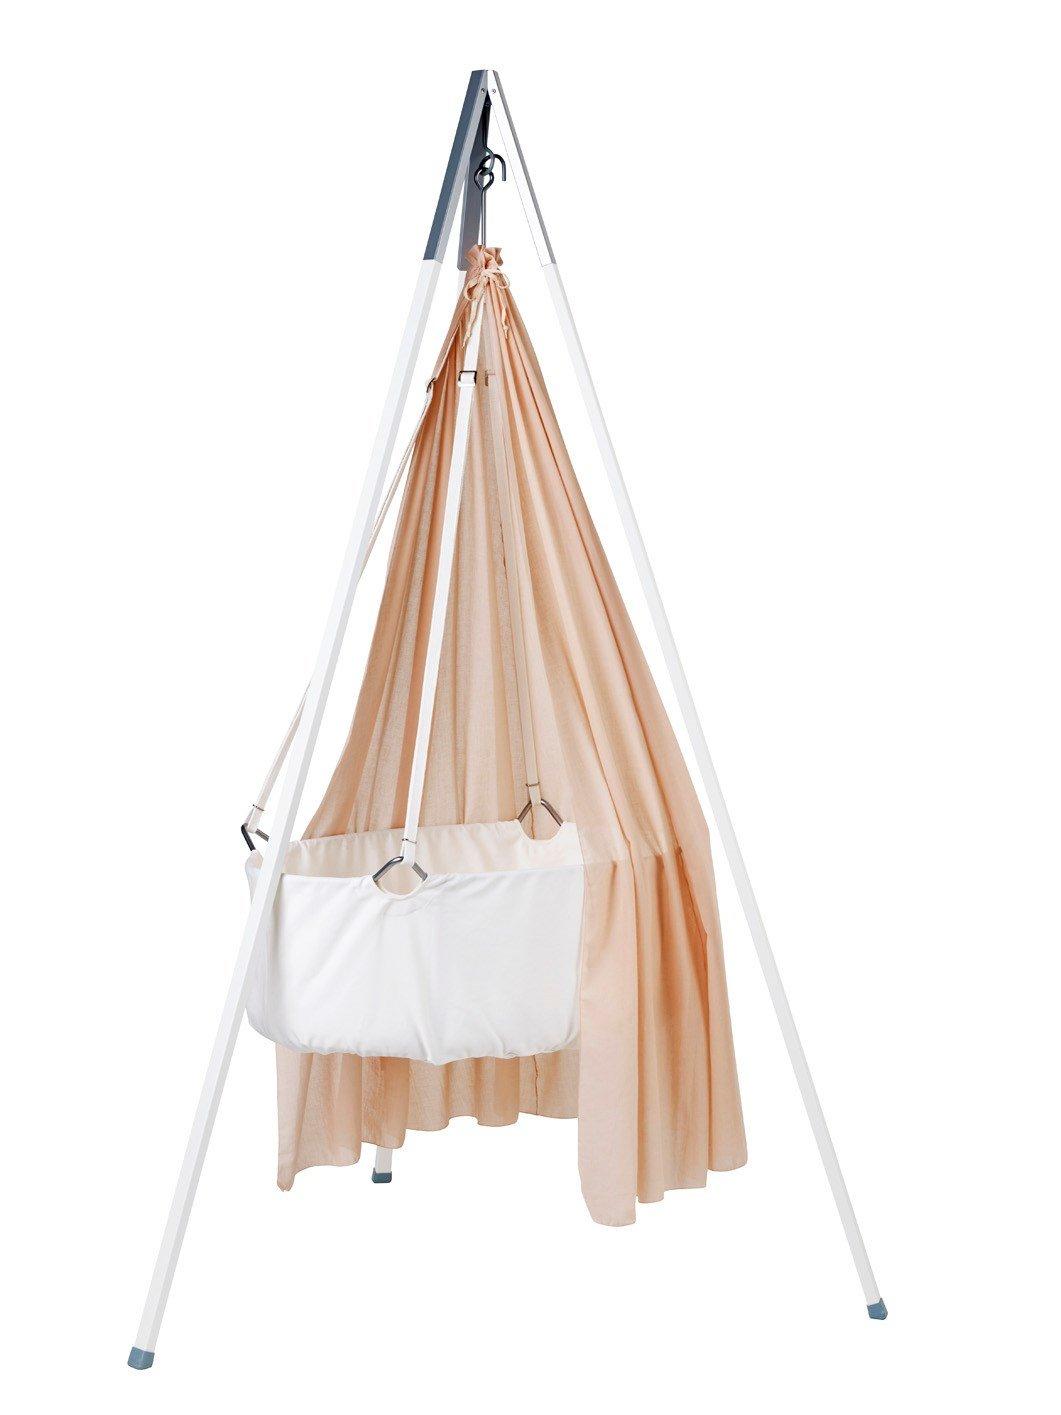 Leander Wiege - Babywiege weiß inkl. Matratze und Deckenhaken - mit Himmel (Schleier) soft pink + Stativ weiß